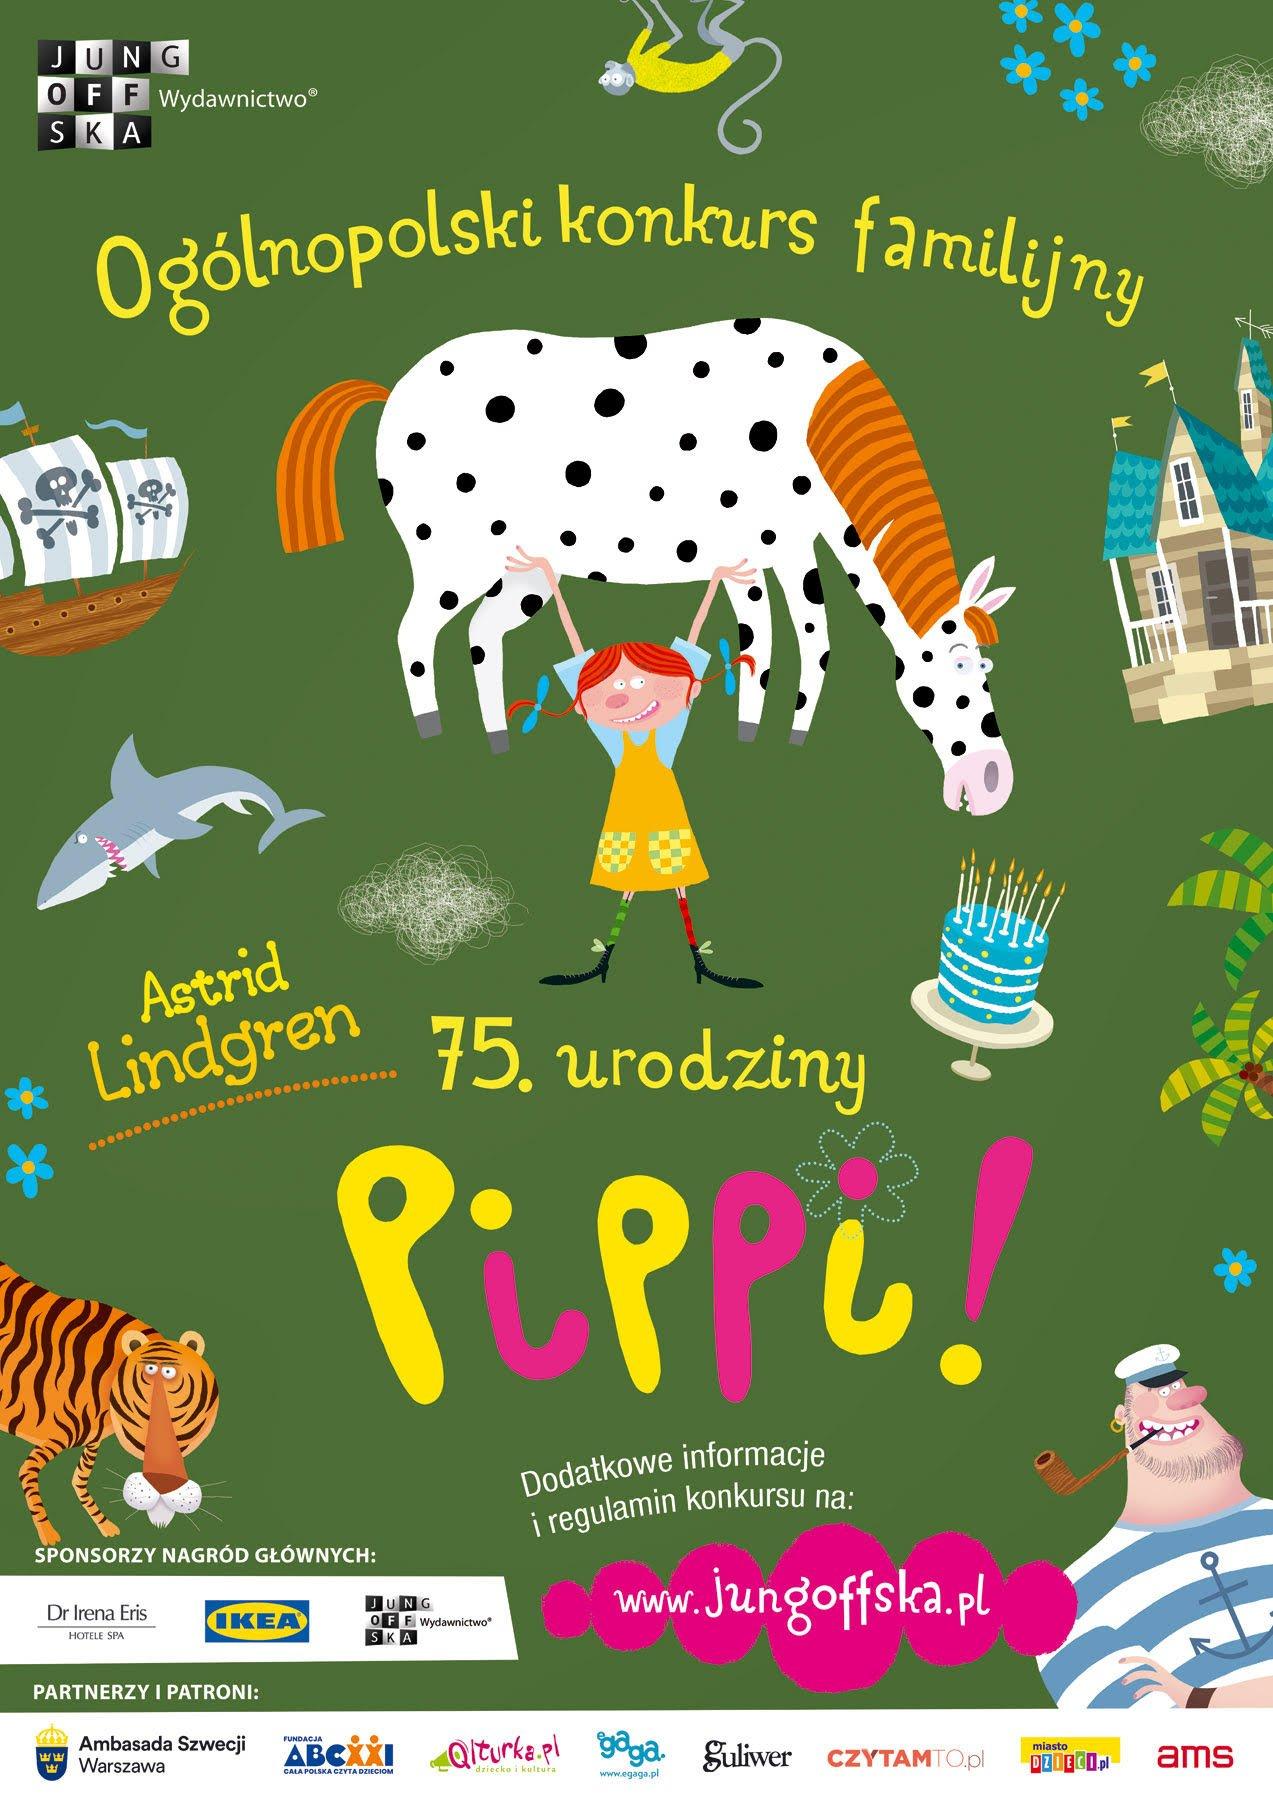 Konkurs familijny: 75. Urodziny, czyli Lato z Pippi